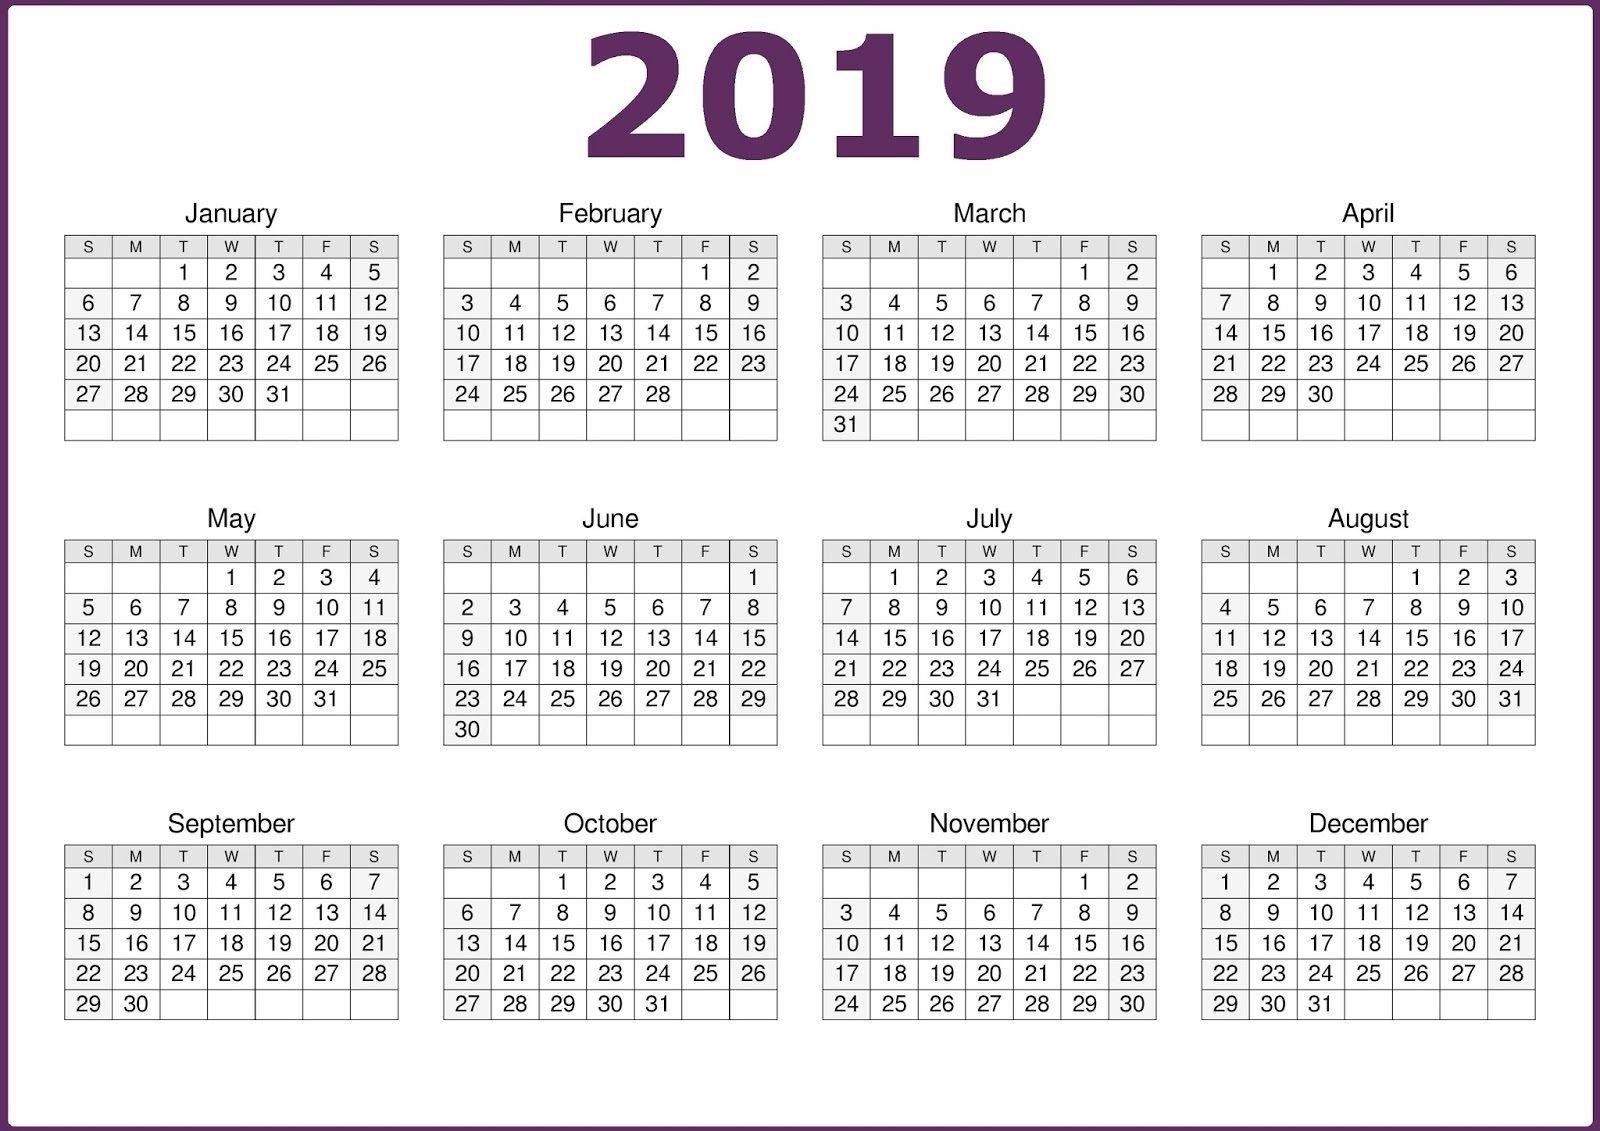 2019 One Page 12 Months Calendar   2019 Calendars   Pinterest Calendar 2019 12 Months